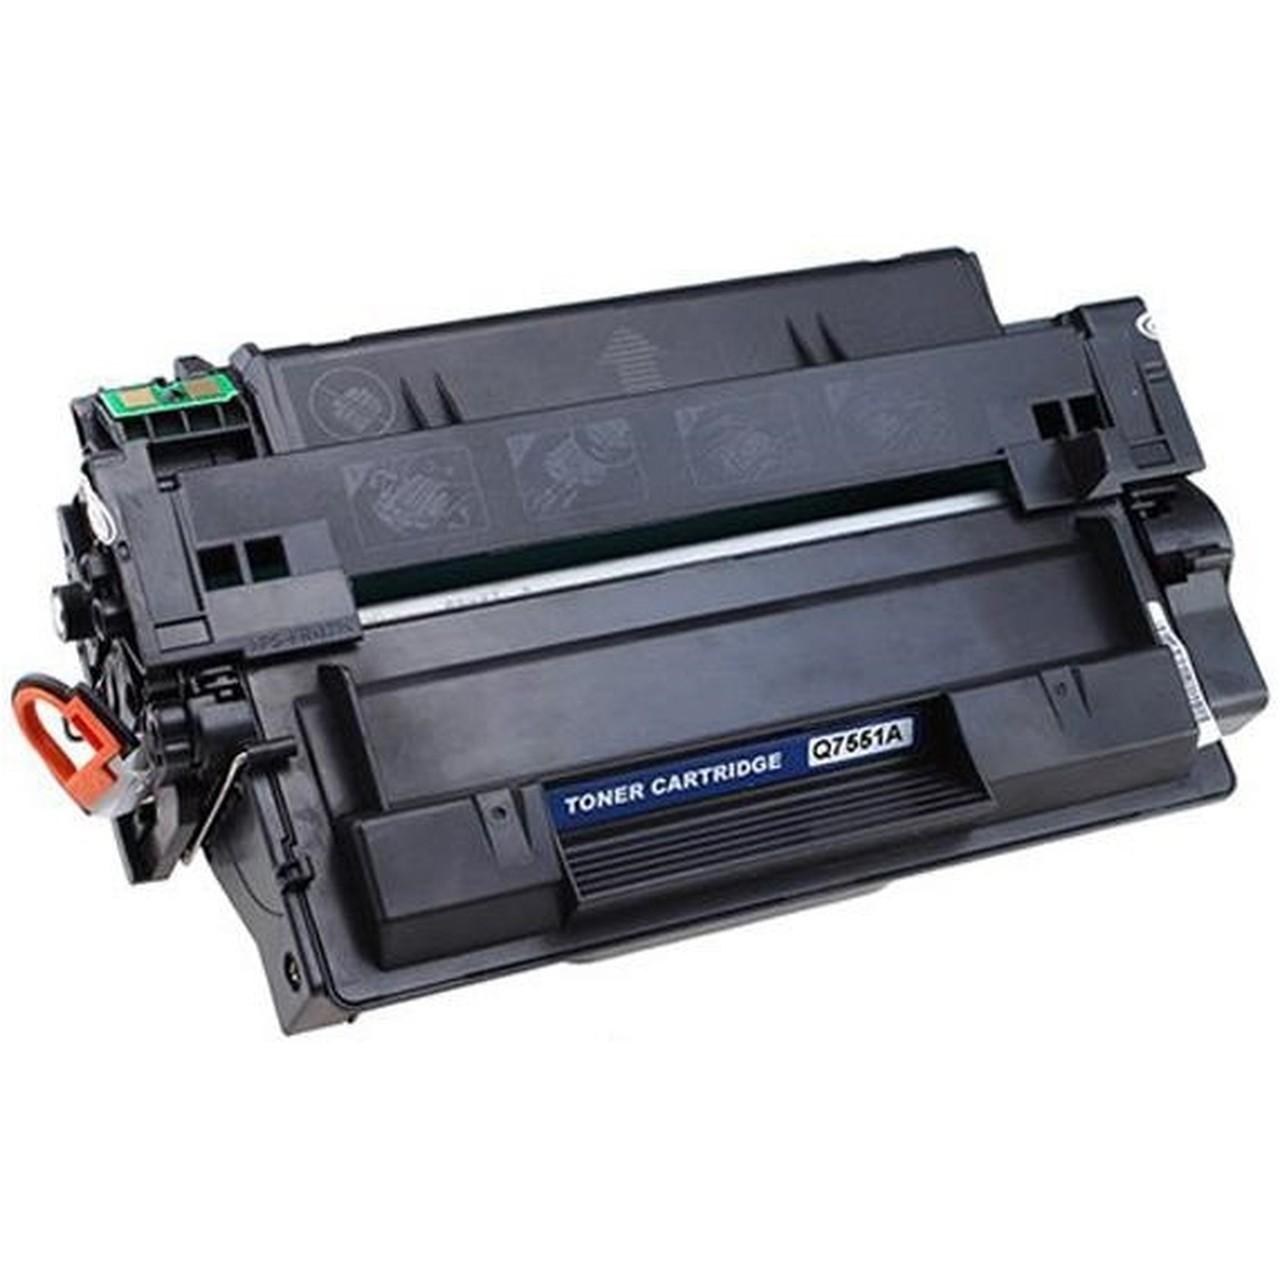 Toner Compatível com Q7551A 7551A 51A | P3005 P3005DN P3005D P3005N M3035MFP M3027MFP 6k